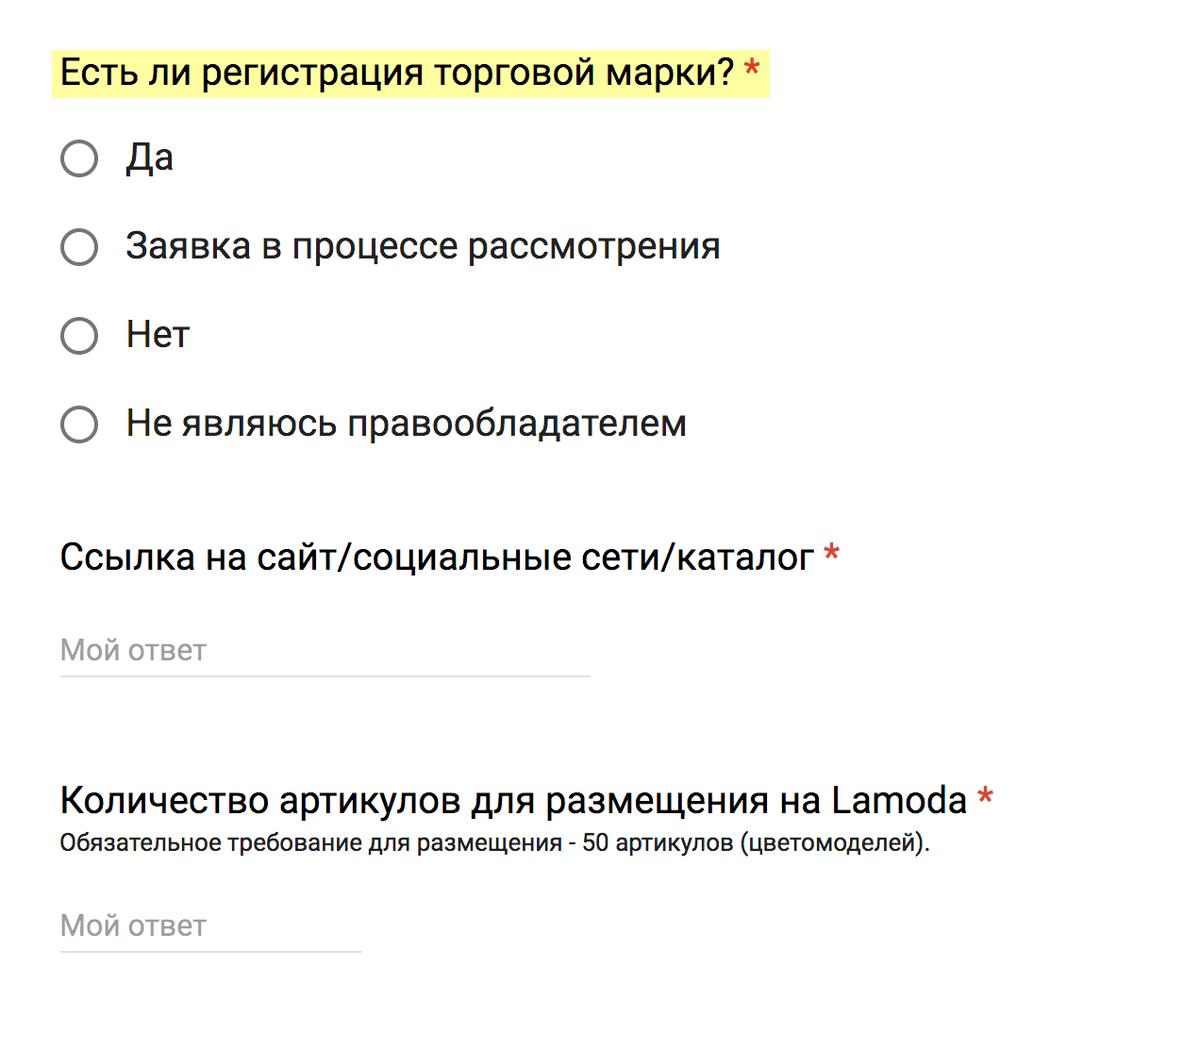 В анкете для партнеров «Ламоды» вопрос о товарном знаке задают еще до первого контакта